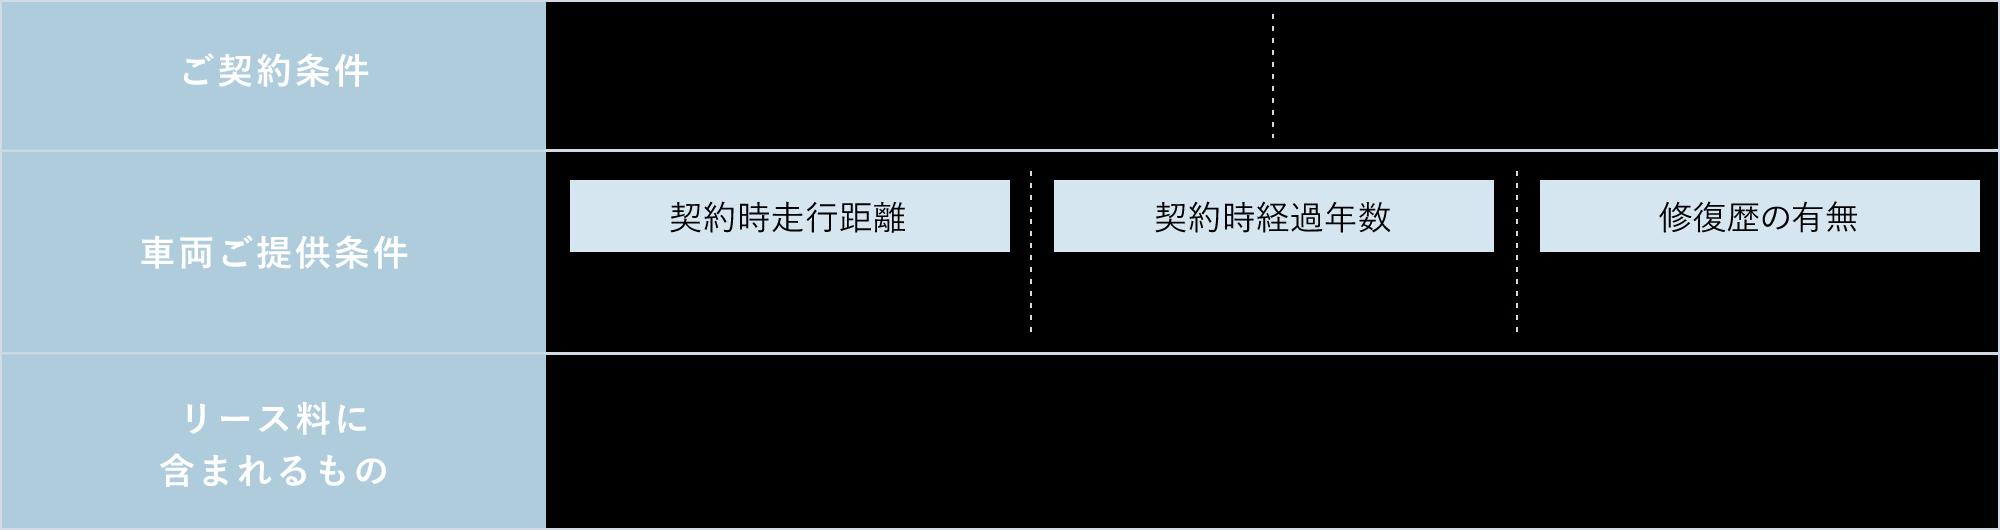 ご契約条件 リース期間:6年(72回均等払い) ファイナンスリース 車両ご提供条件 契約時走行距離 10万km未満 契約時経過年数 8年以内 修復歴の有無 無し リース料に含まれるもの 車両本体価格/登録時手数料/登録時車検整備費用/納車陸送費/重量税(初回分)/自賠責保険料(初回分)/自動車税(リース期間分)